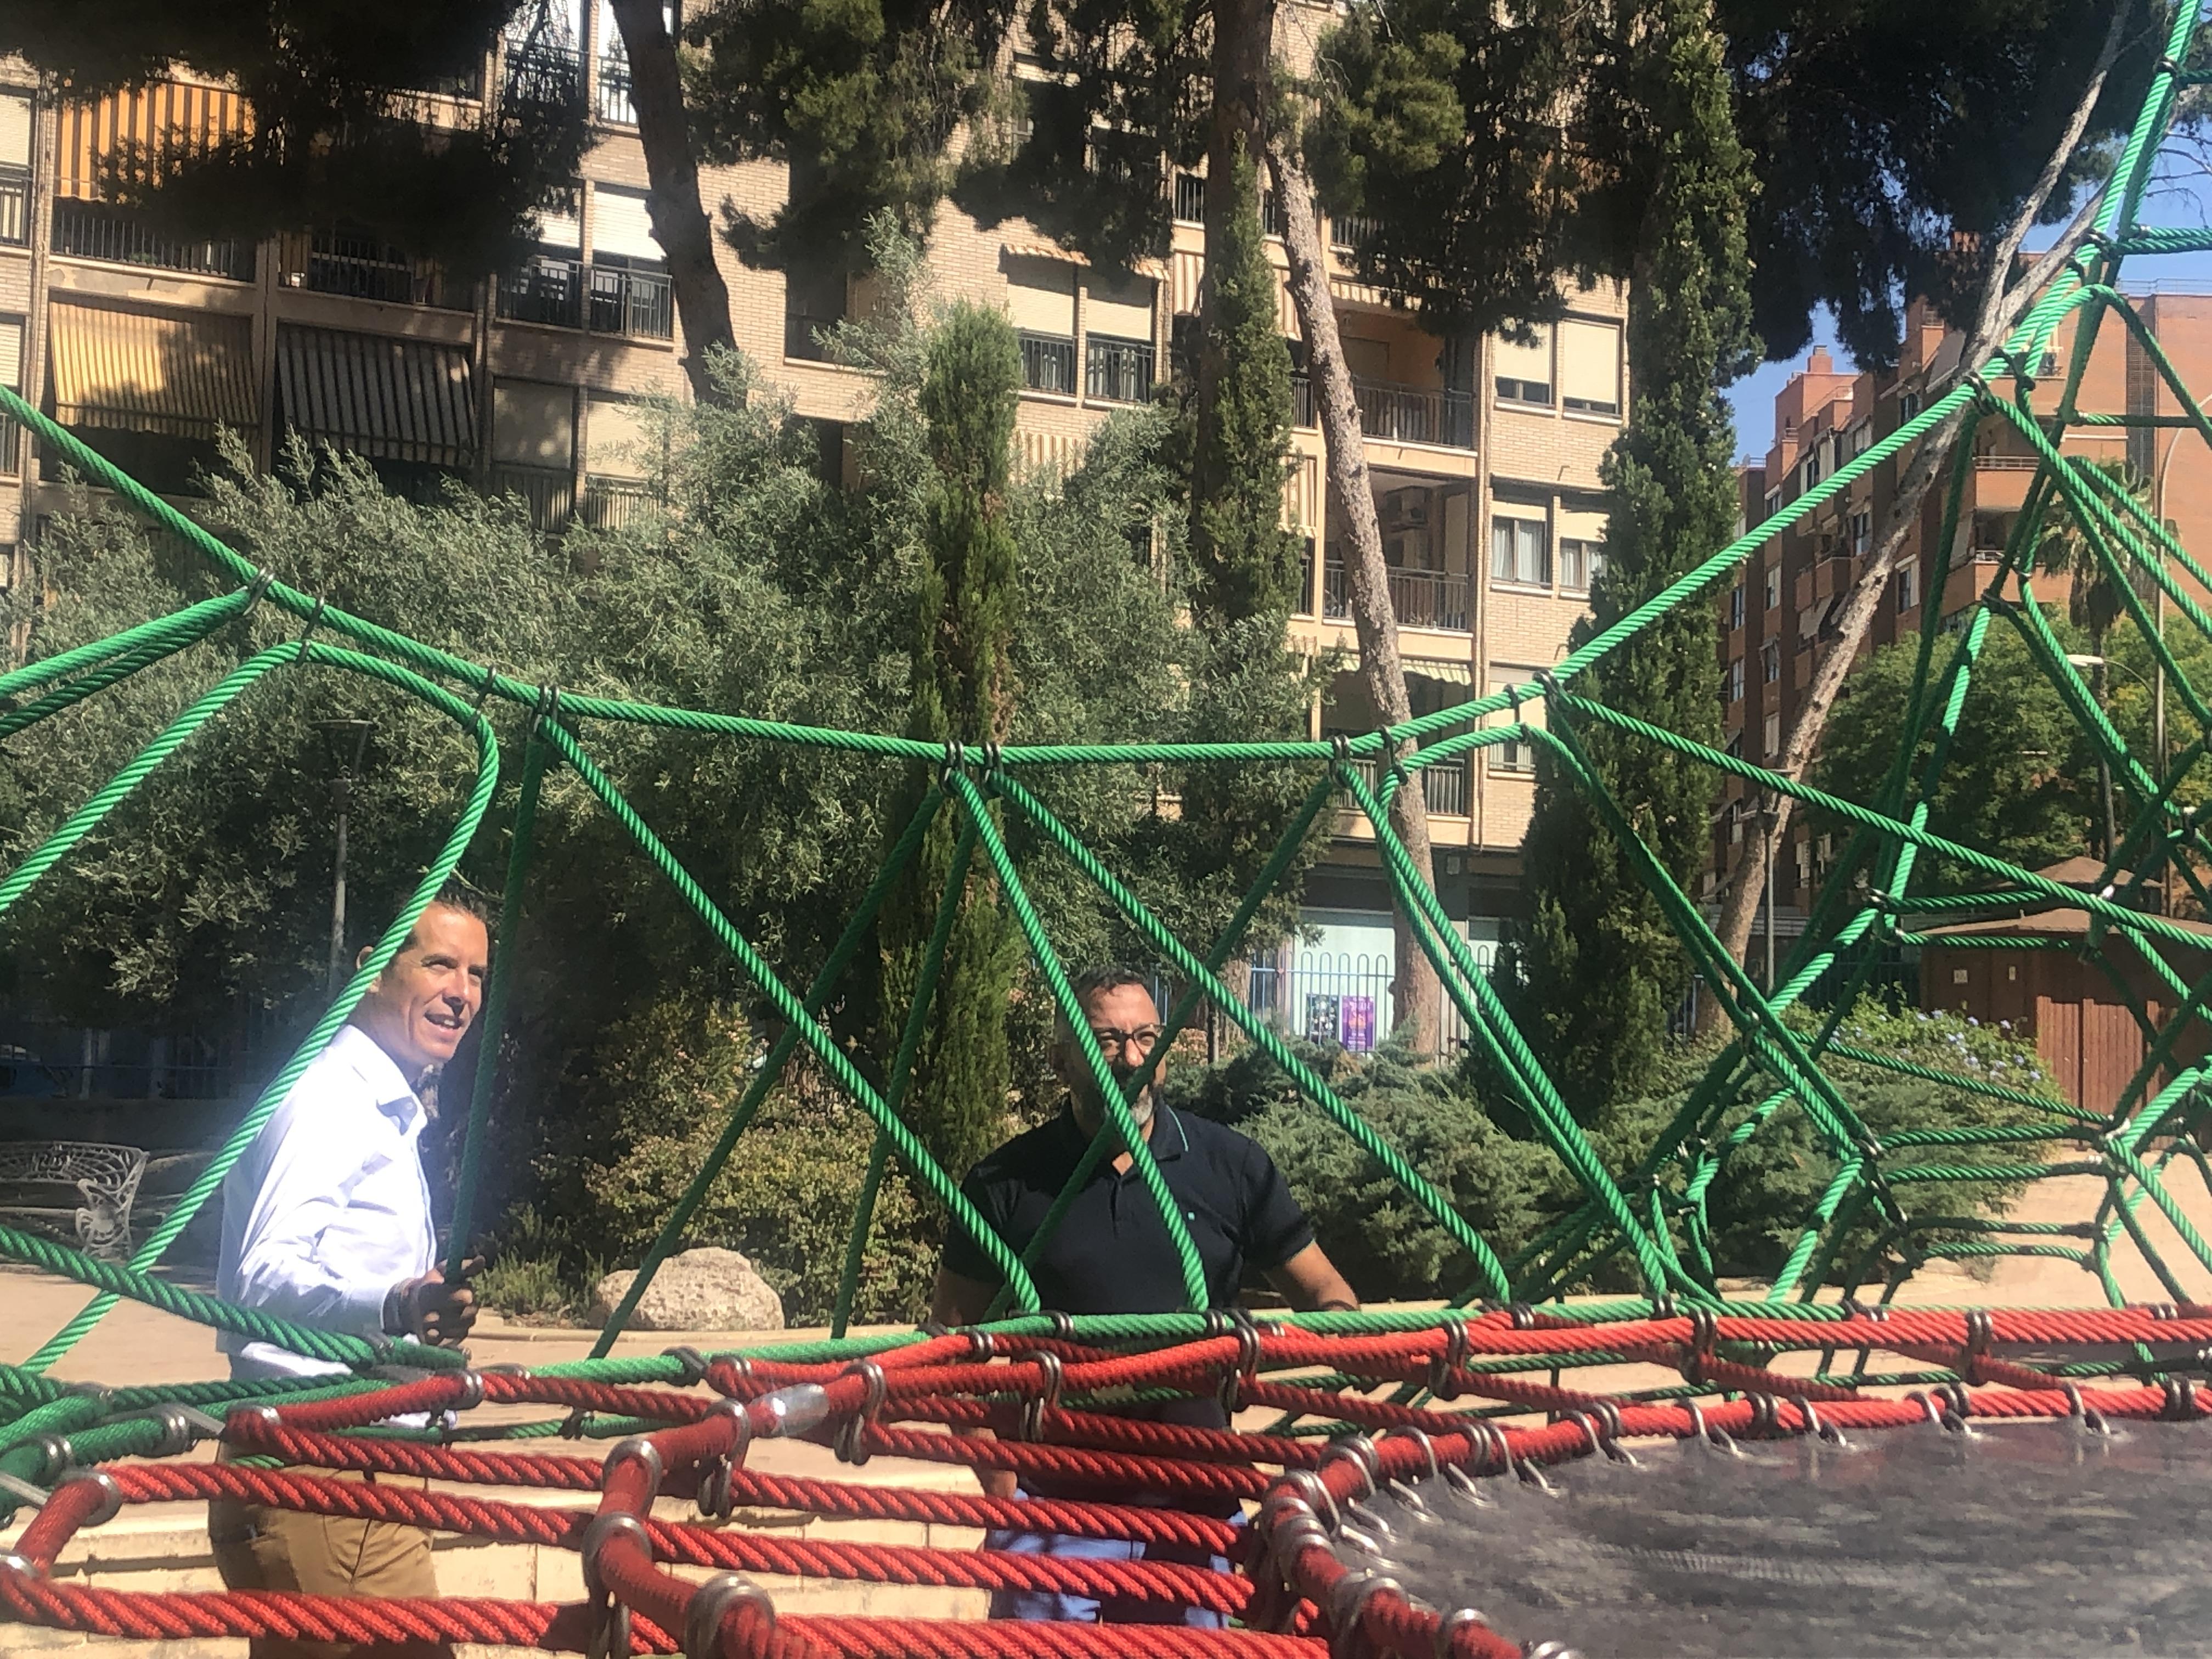 El Ayuntamiento de Elda completa la renovación de los nuevos juegos infantiles en varios parques de la ciudad